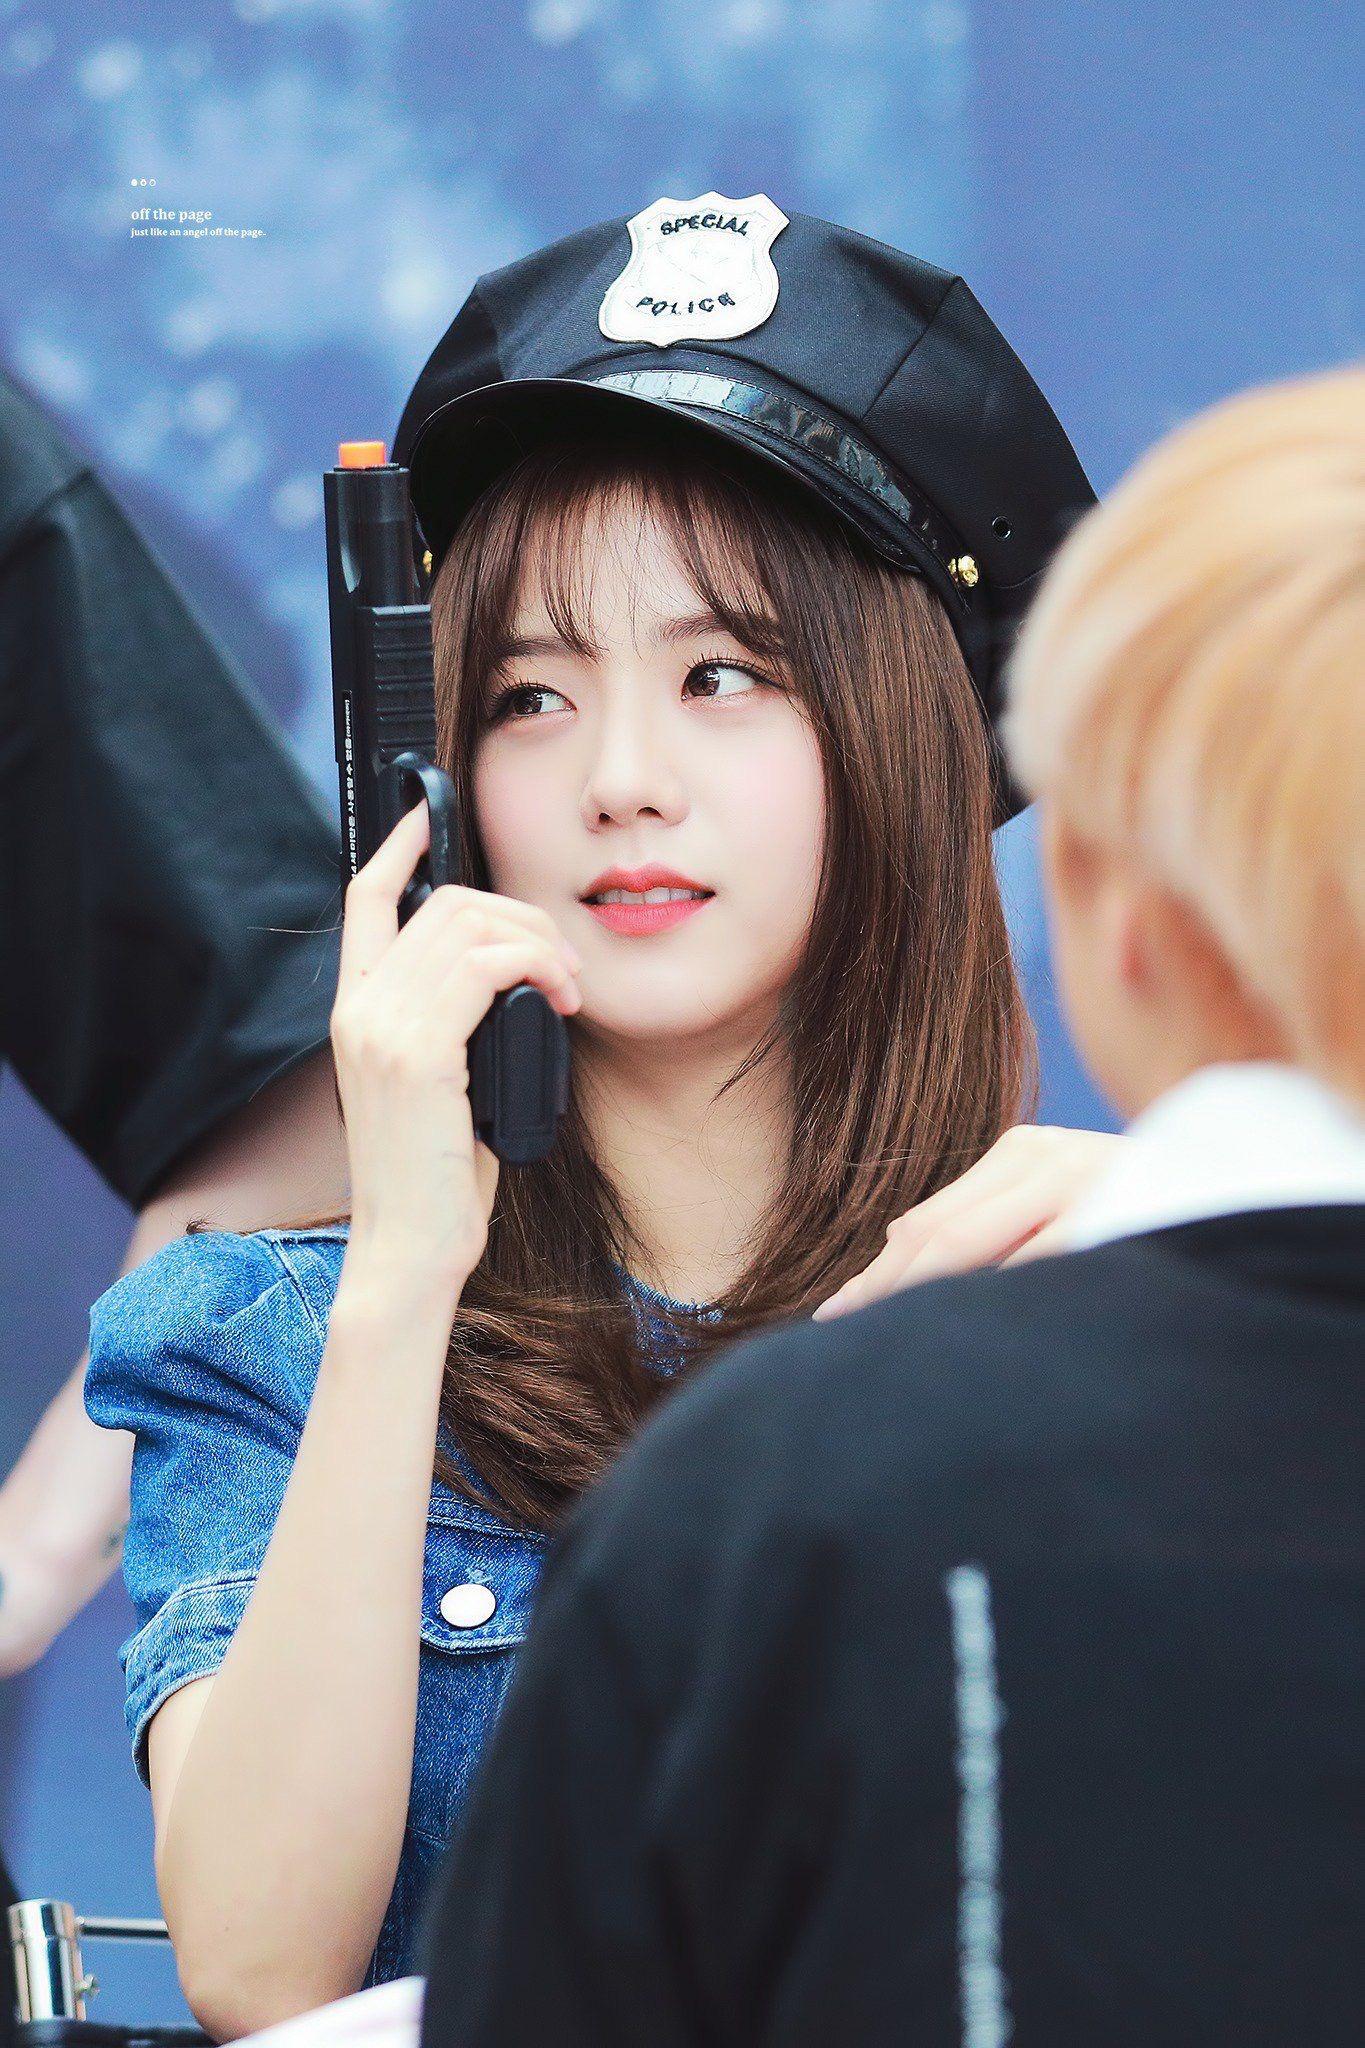 30 nữ idol Kpop hot nhất hiện nay: BLACKPINK đua top trở lại hậu comeback, thứ hạng TWICE và Red Velvet quá khó hiểu - Ảnh 4.